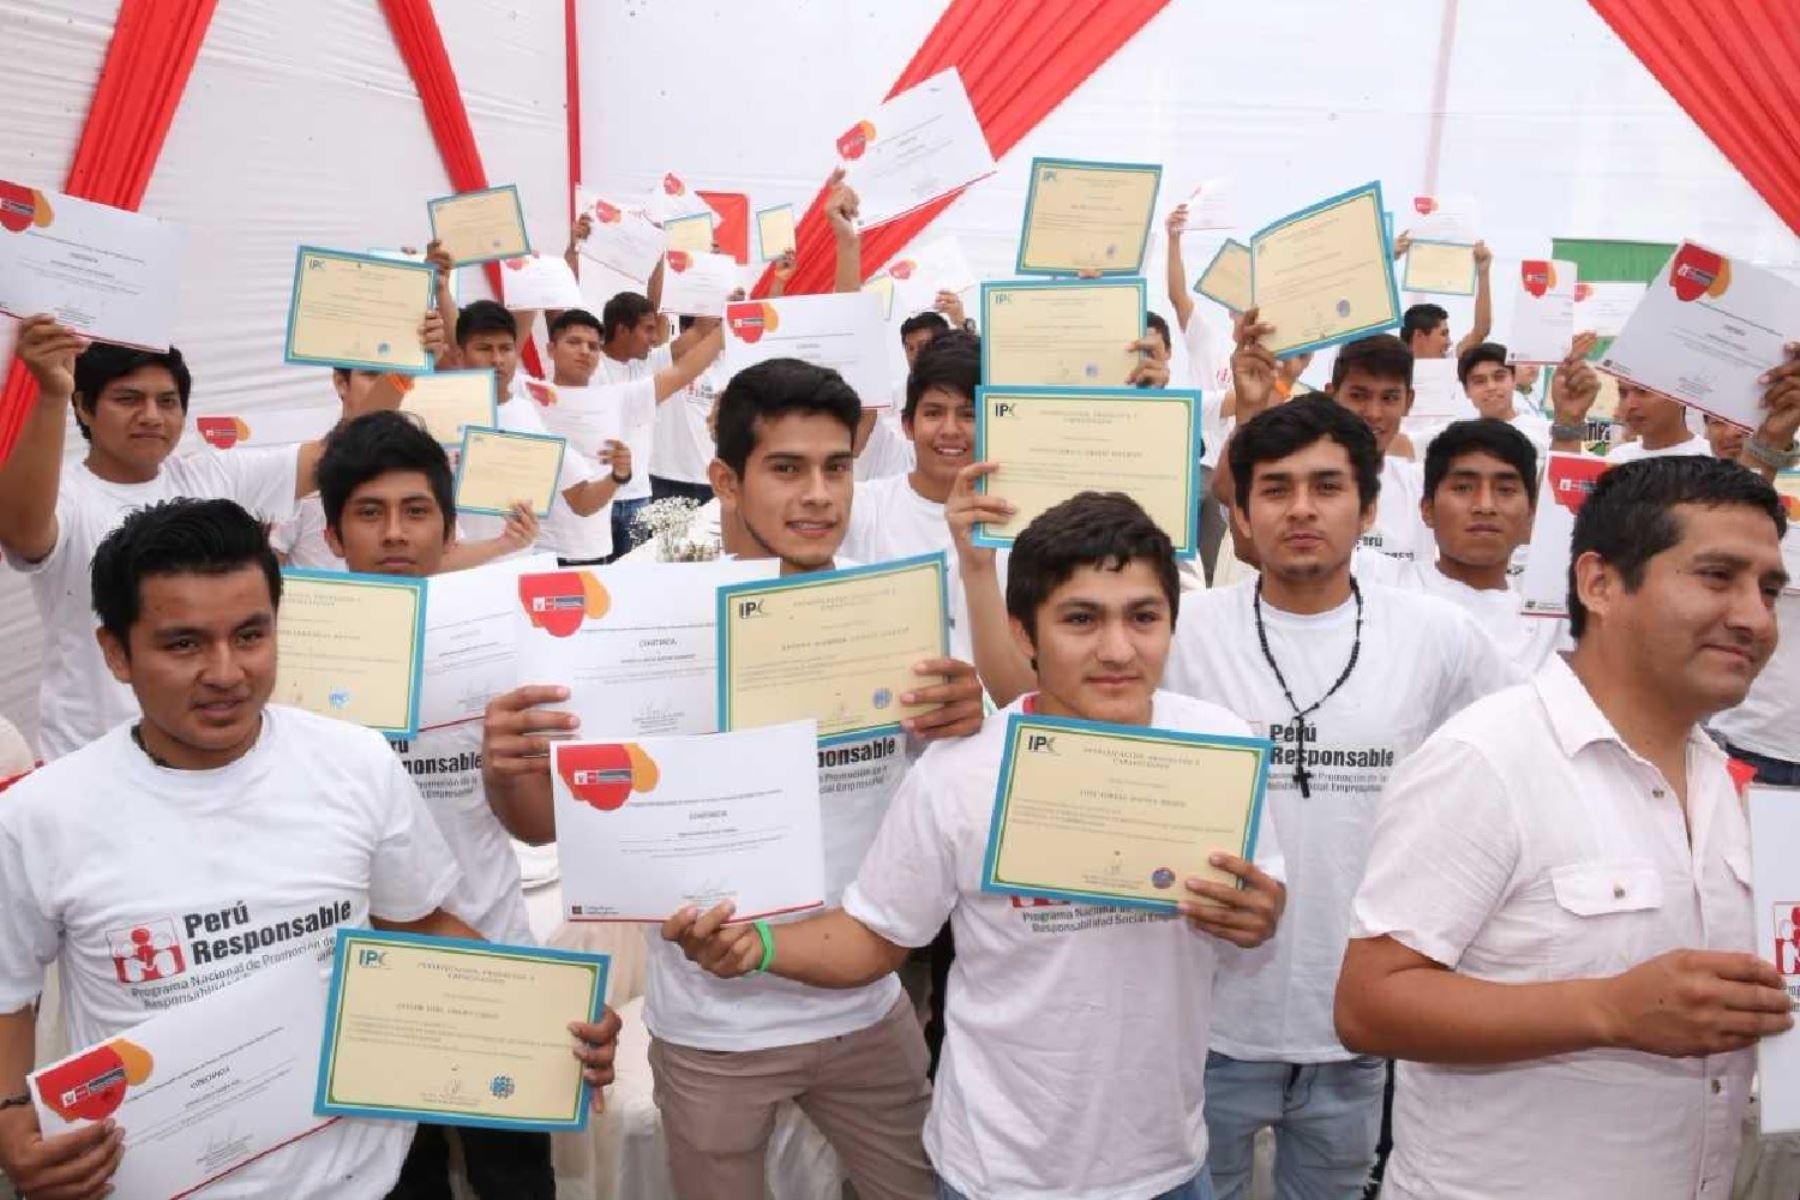 Se logró insertar laboralmente a 45 jóvenes de la ciudad de Chiclayo, quienes trabajarán como instaladores de gas natural en la empresa Comercializadora S & E Perú SAC.